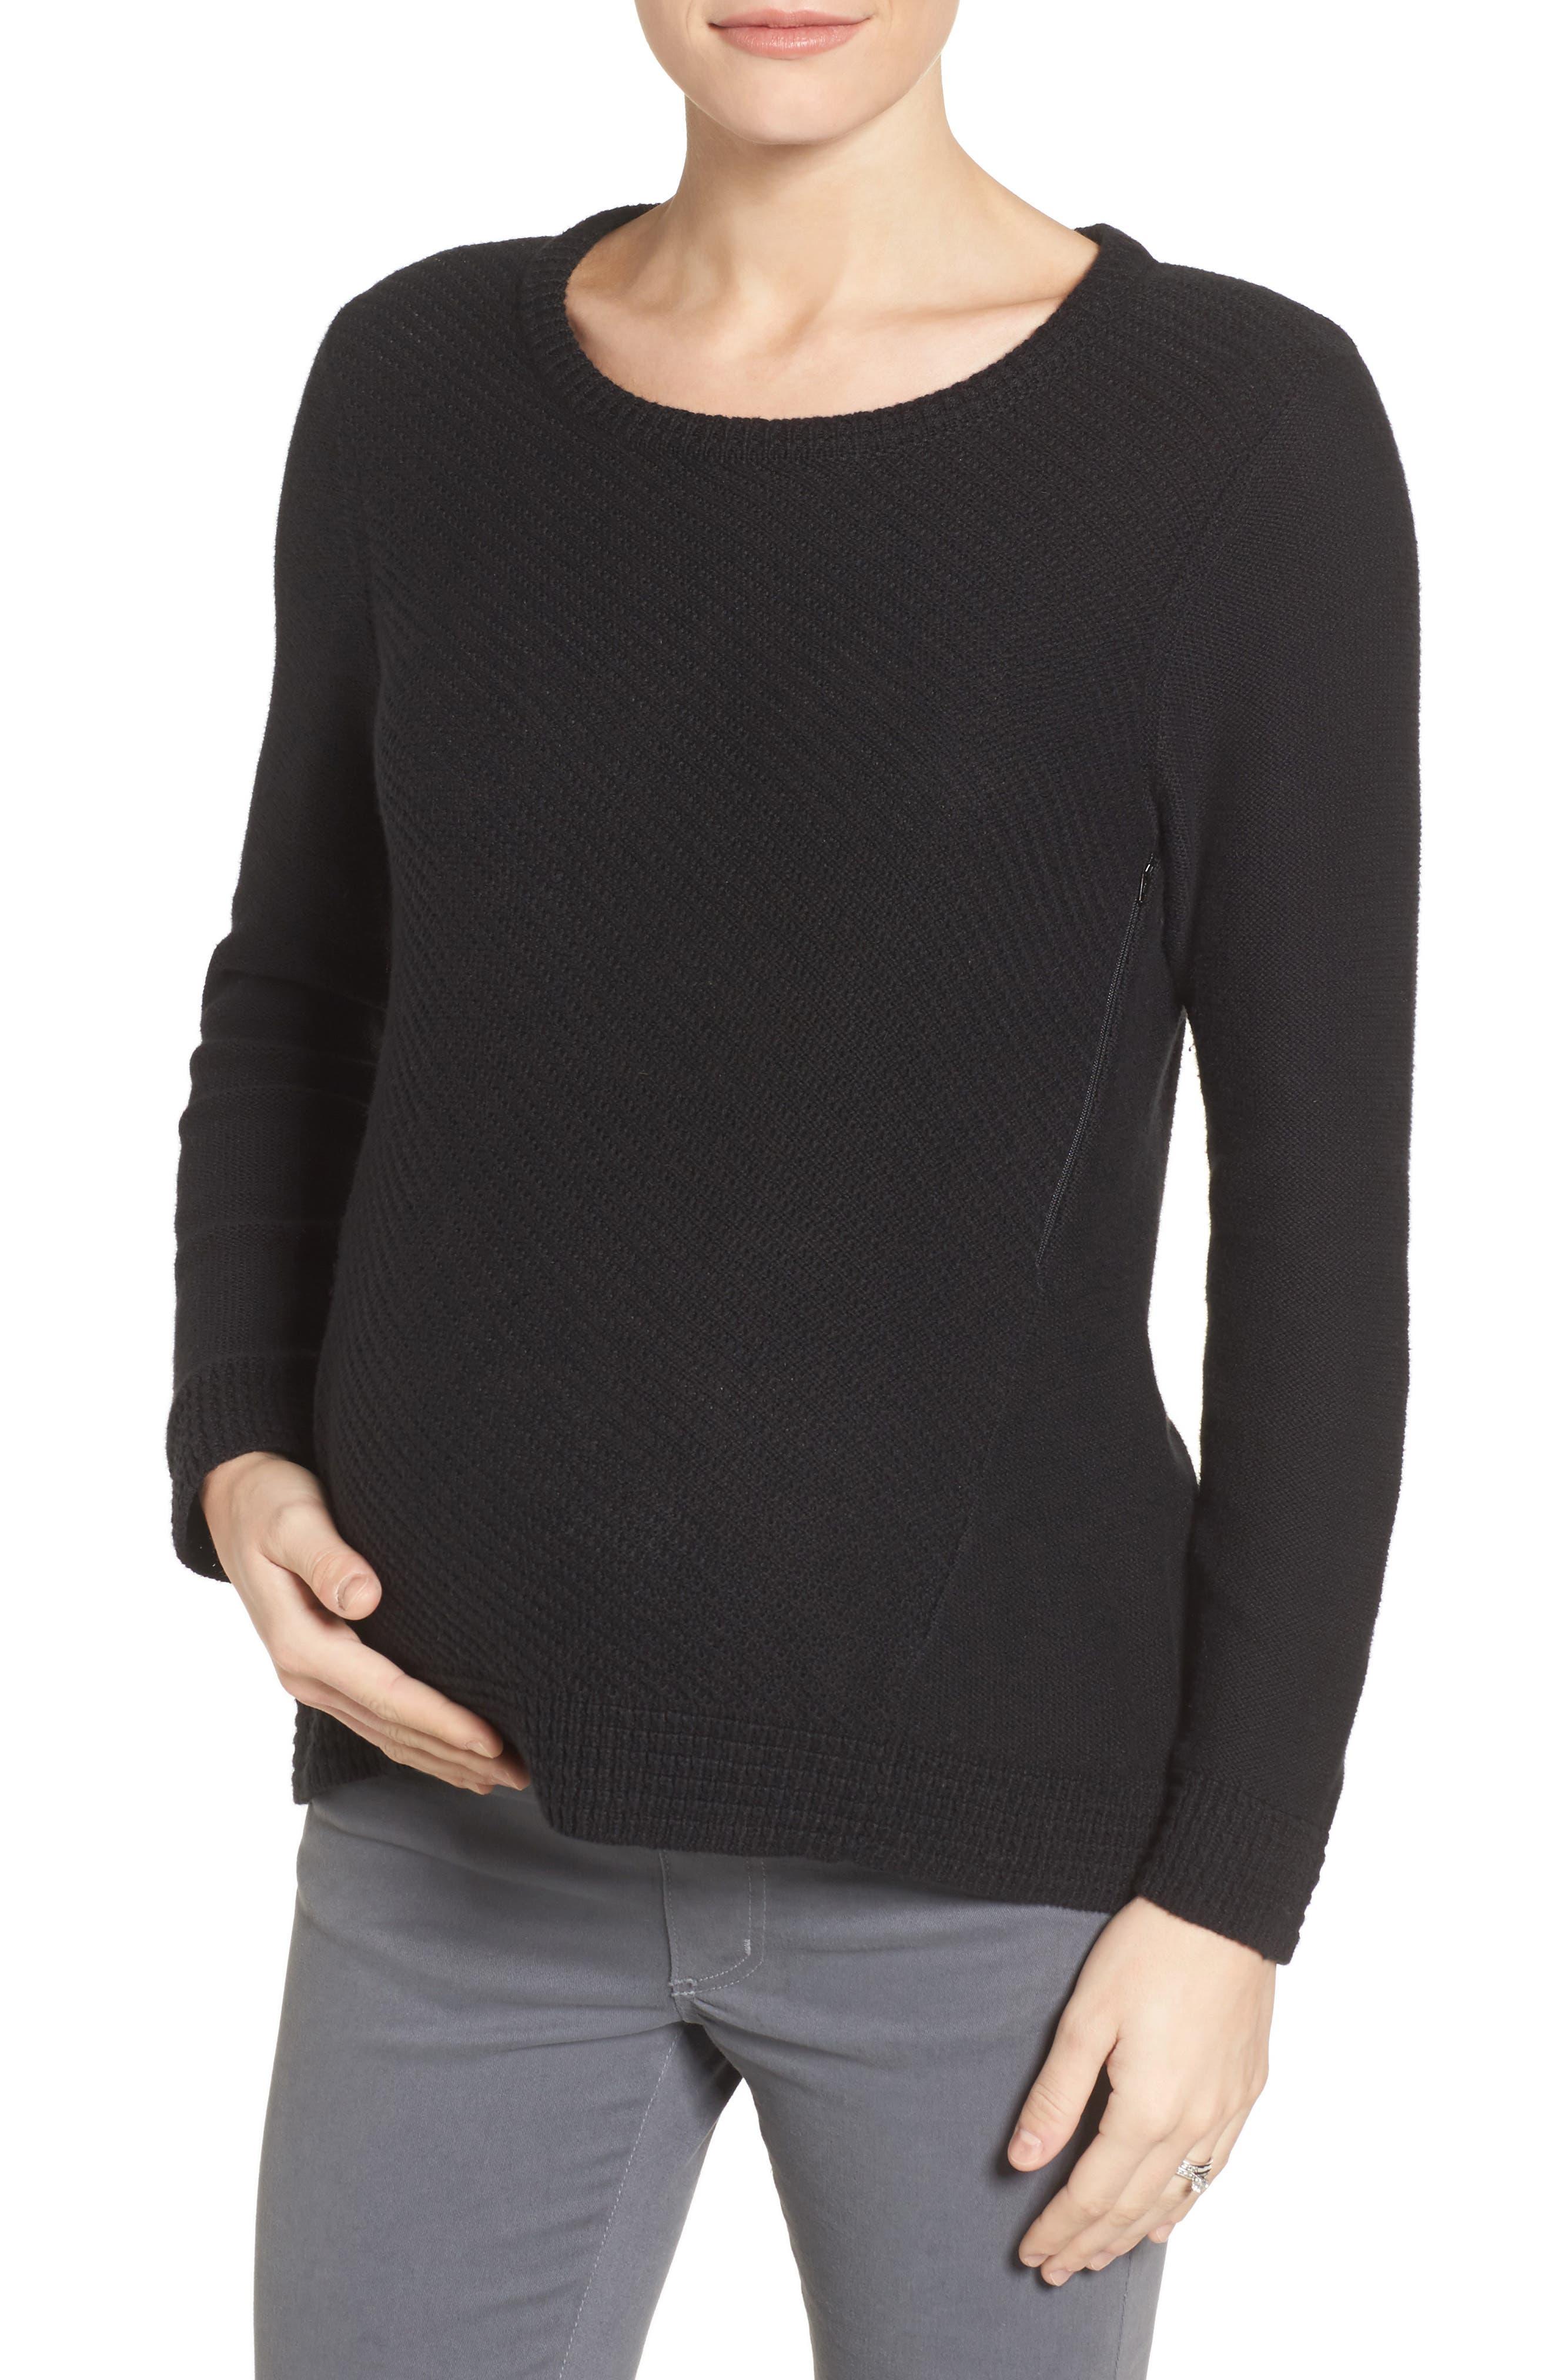 Wiley Maternity/Nursing Sweatshirt,                         Main,                         color, BLACK